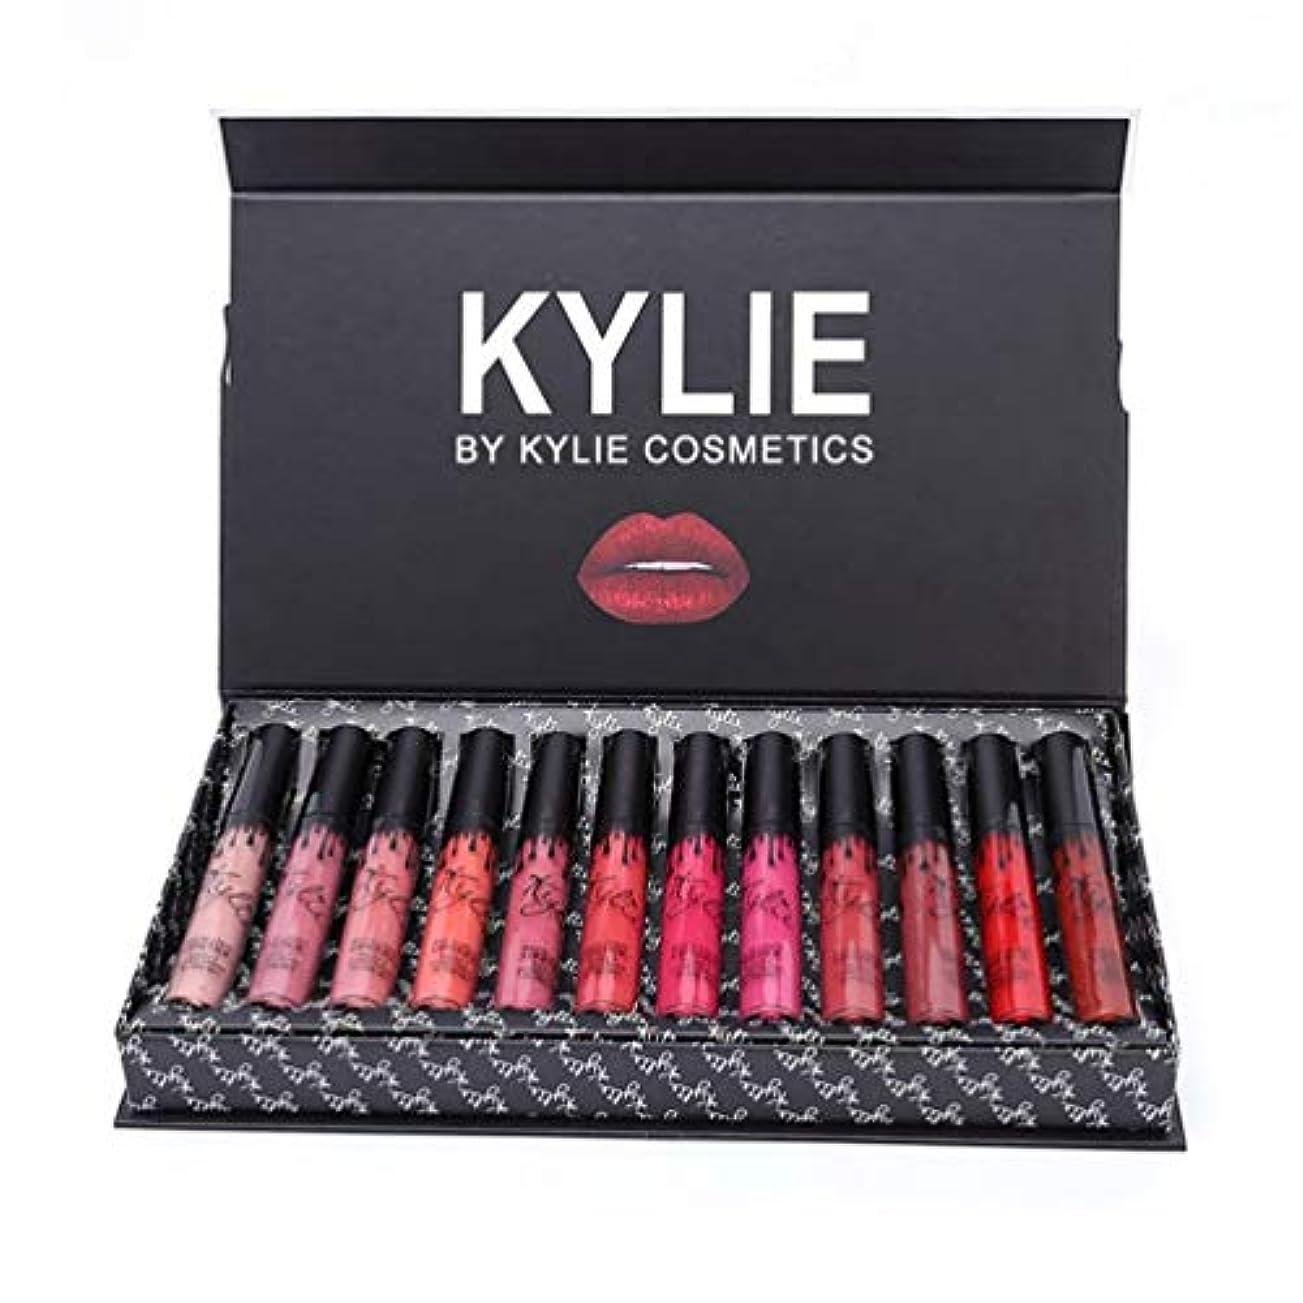 インタビューピクニックカリングKylie 12ピース/色ポータブルマット口紅キット保湿リップルージュ女性化粧品リップメイクアップギフトセット - 12色